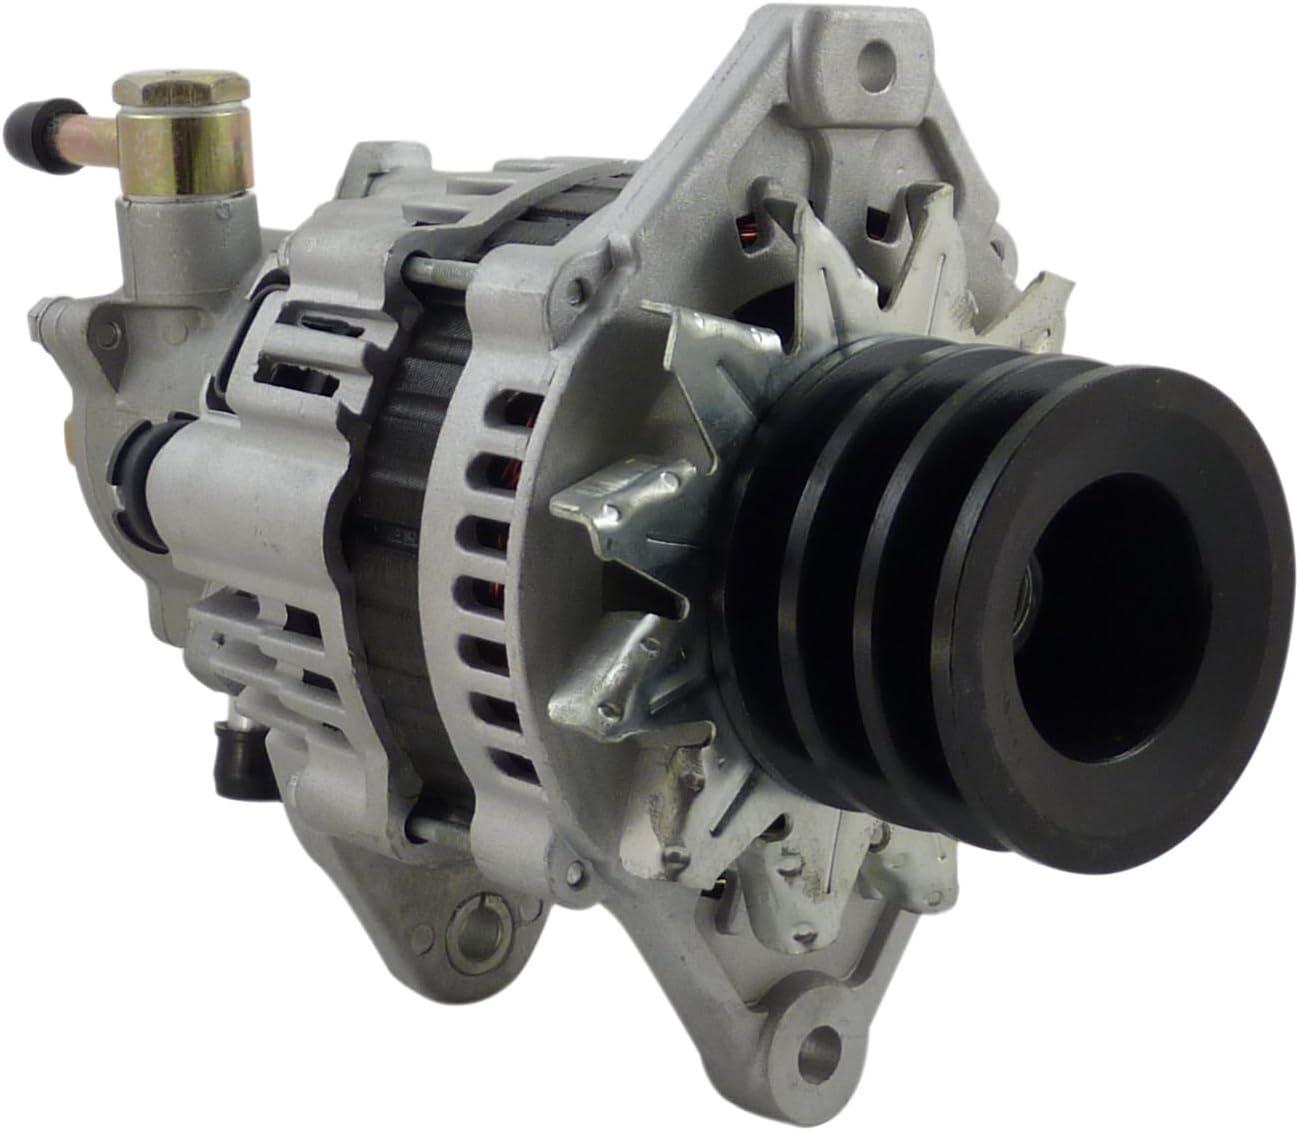 New Alternator 10459447 97116697 LR180-509C LR180-509 4HE1 12335